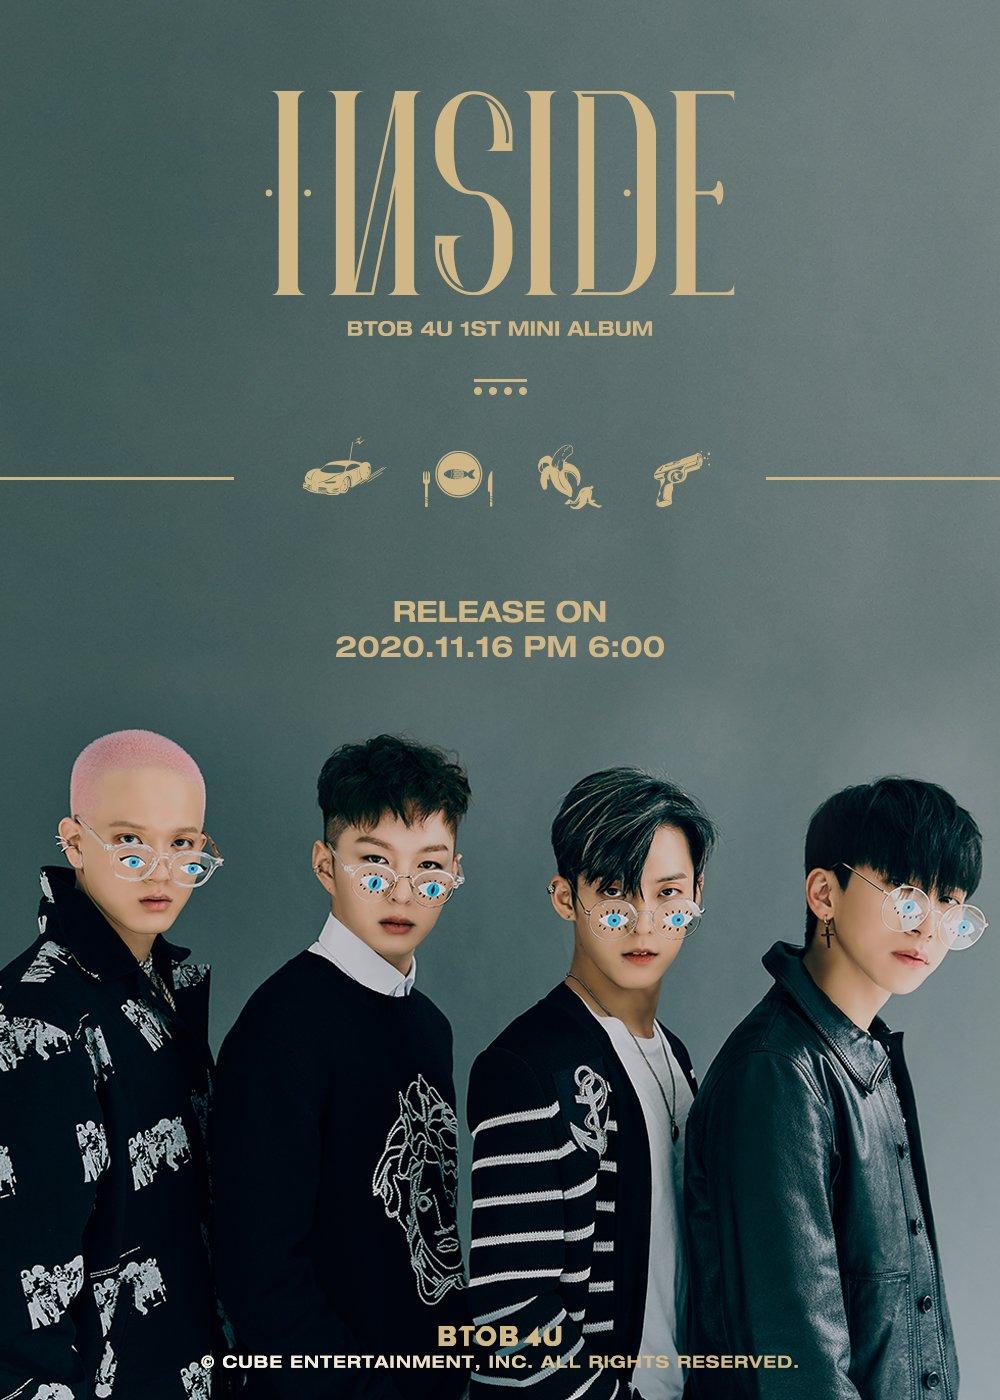 BTOB 4U 1st Mini Album Image Teaser